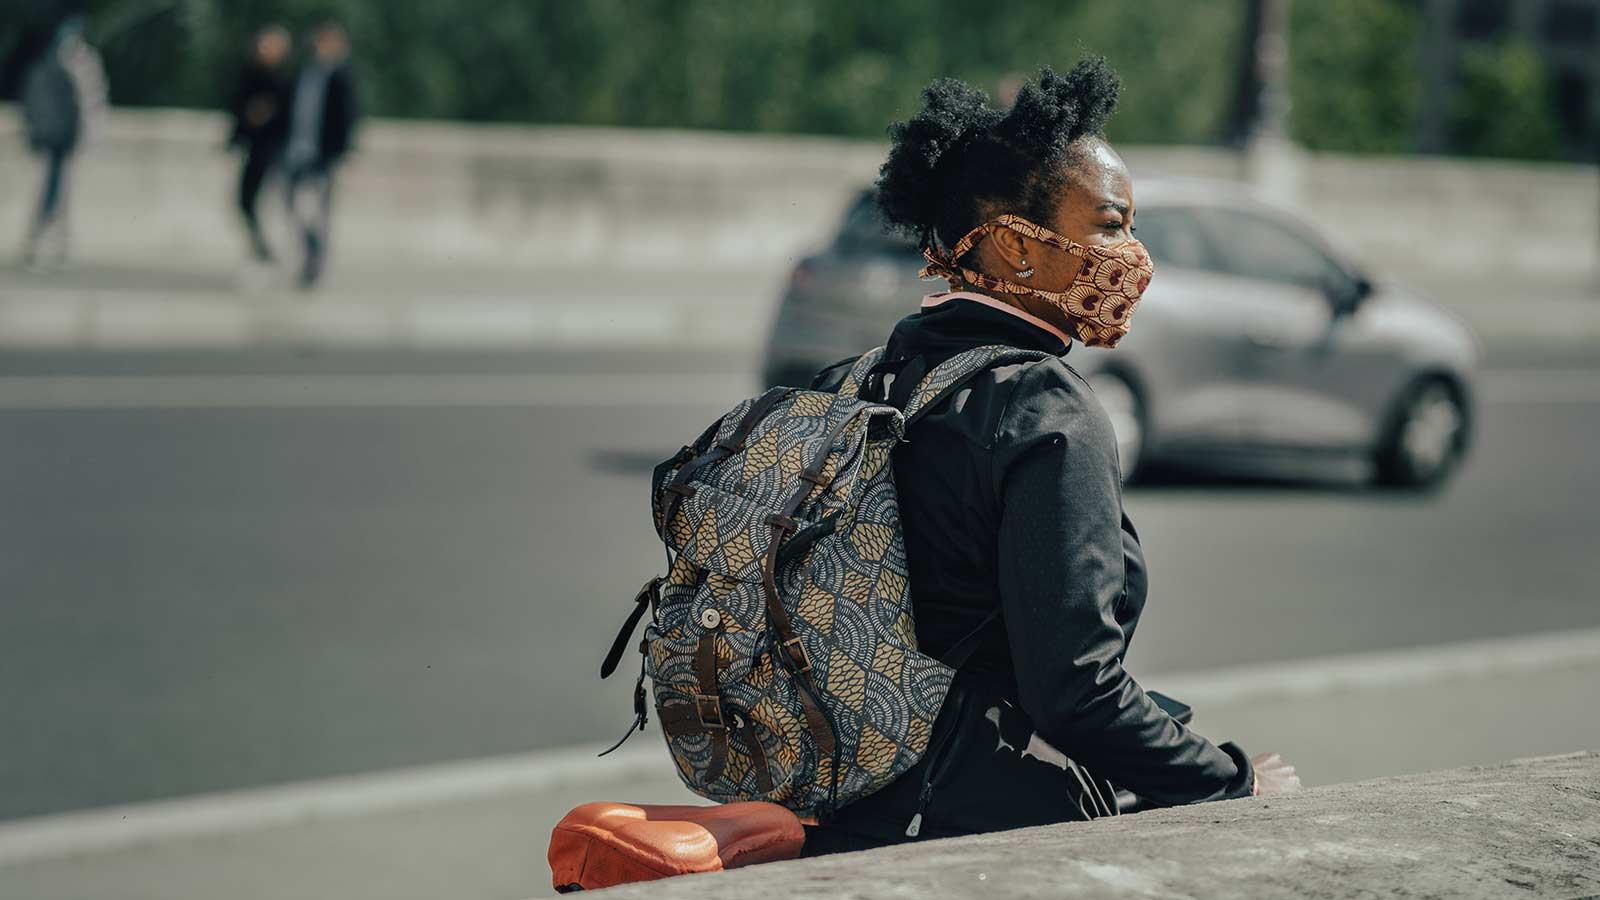 Student wearing mask on bike